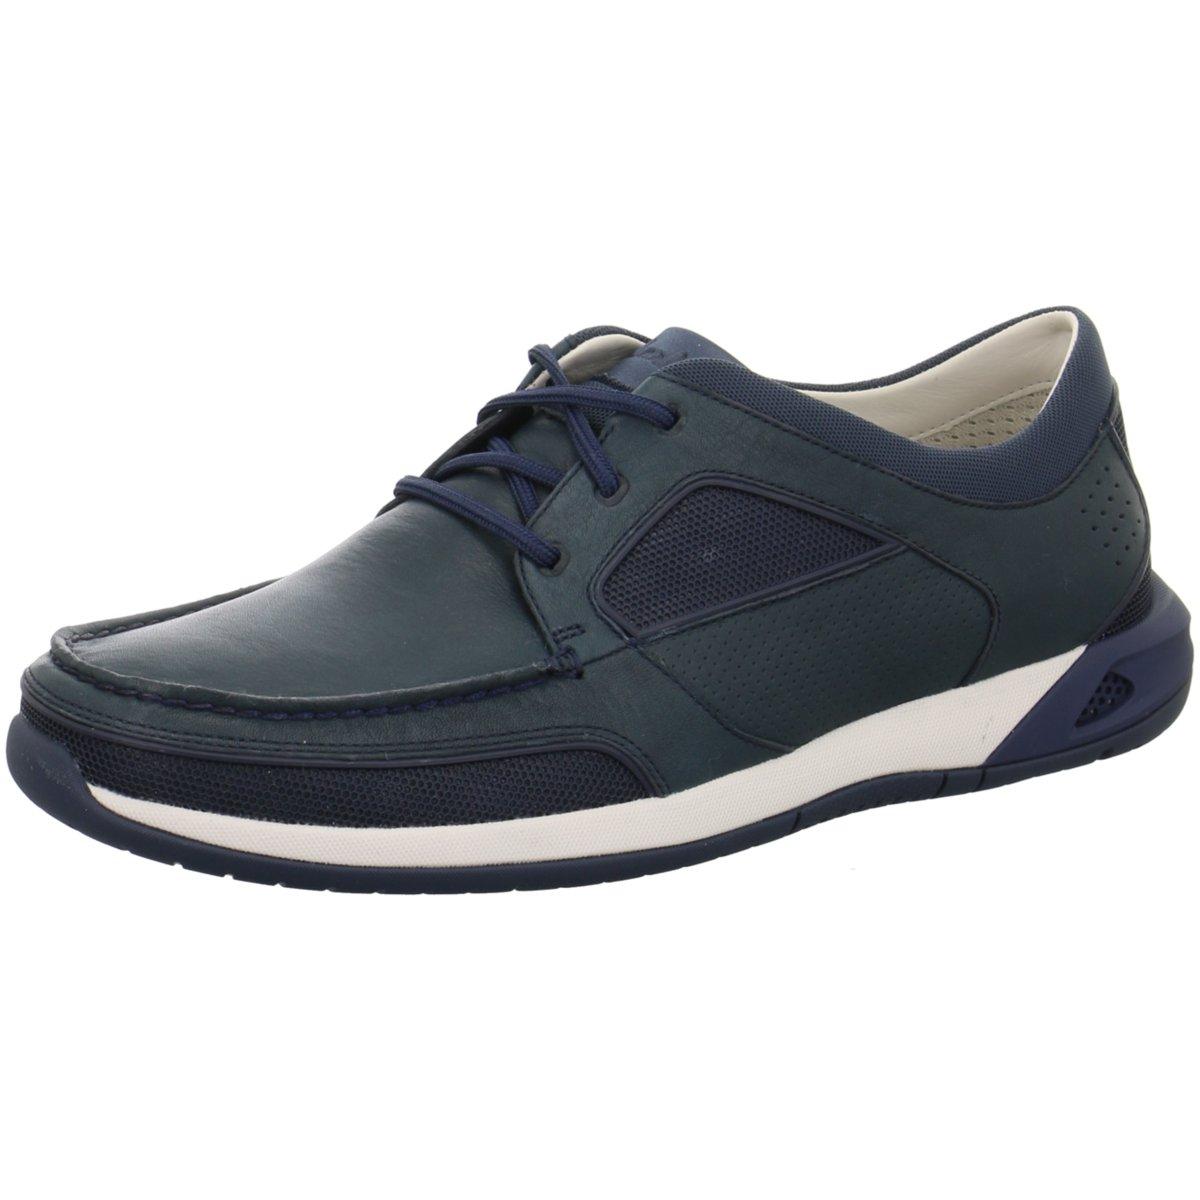 Clarks Herren Komfort Schnürhalbschuh Ormand Sail 261246117 blau 261421    | Neues Produkt